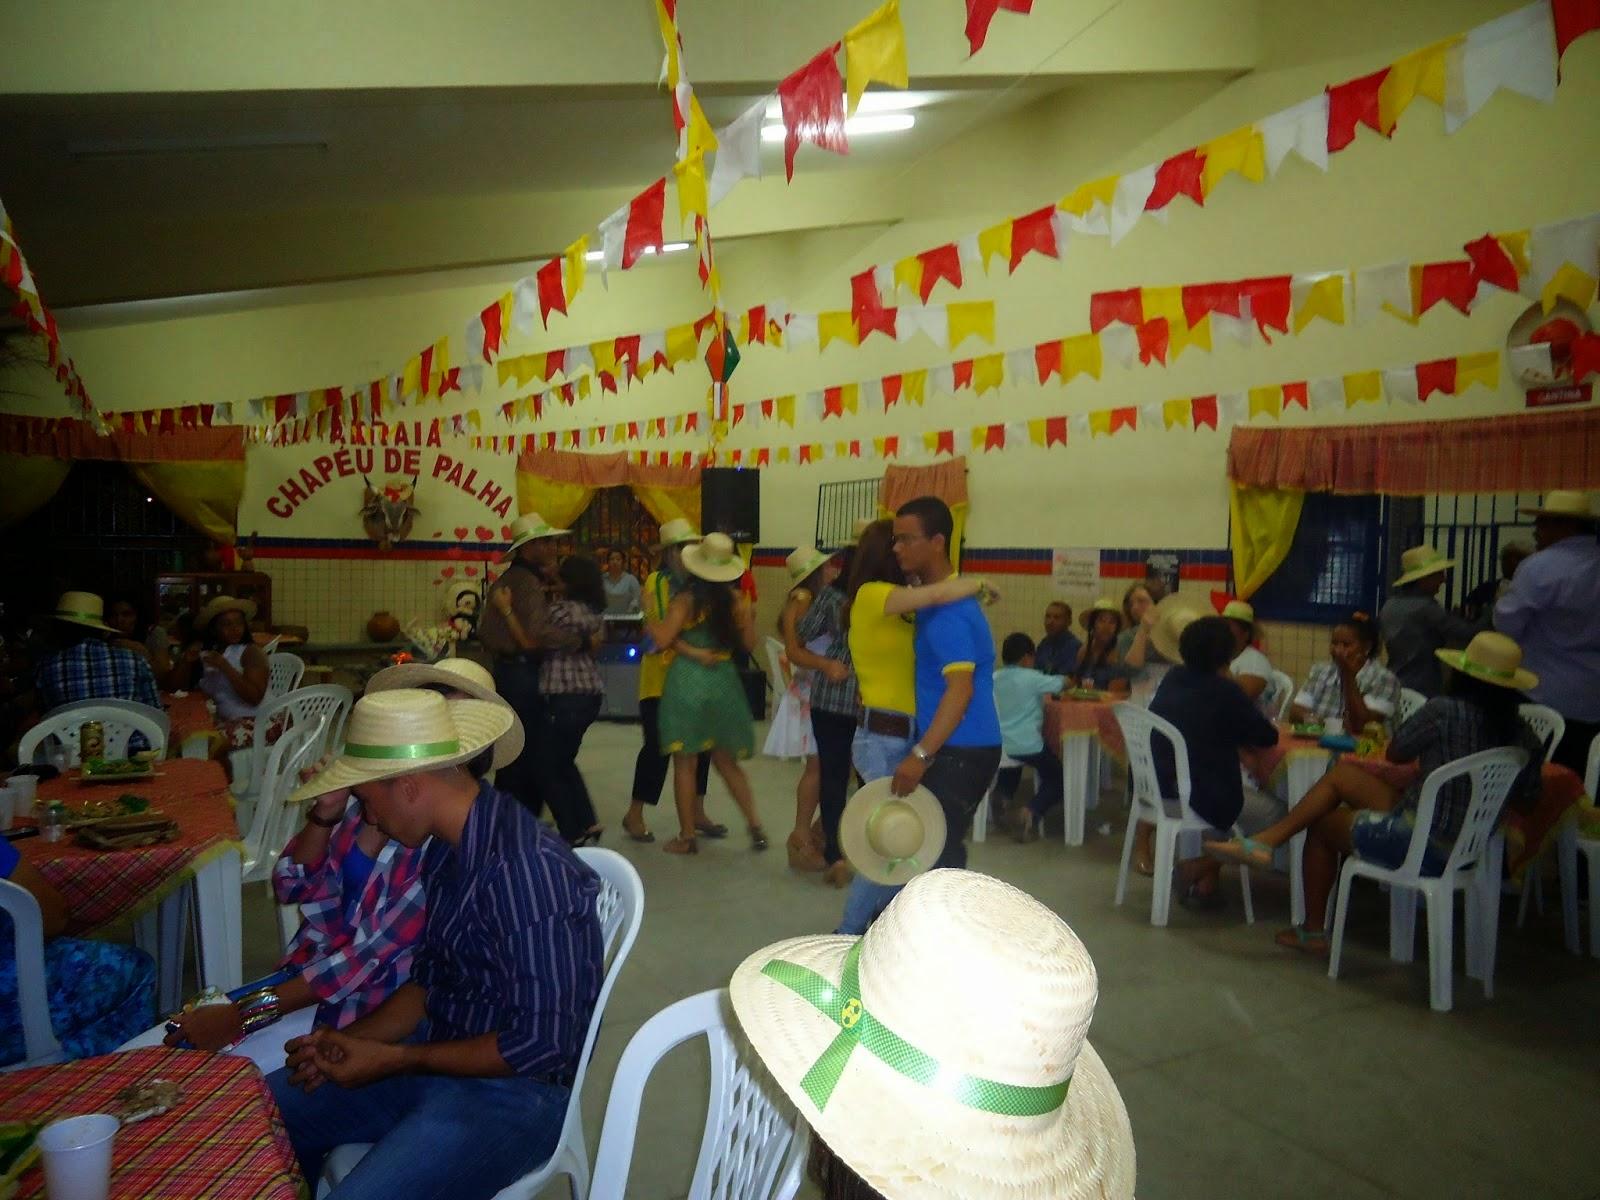 PROMOVENDO FESTAS